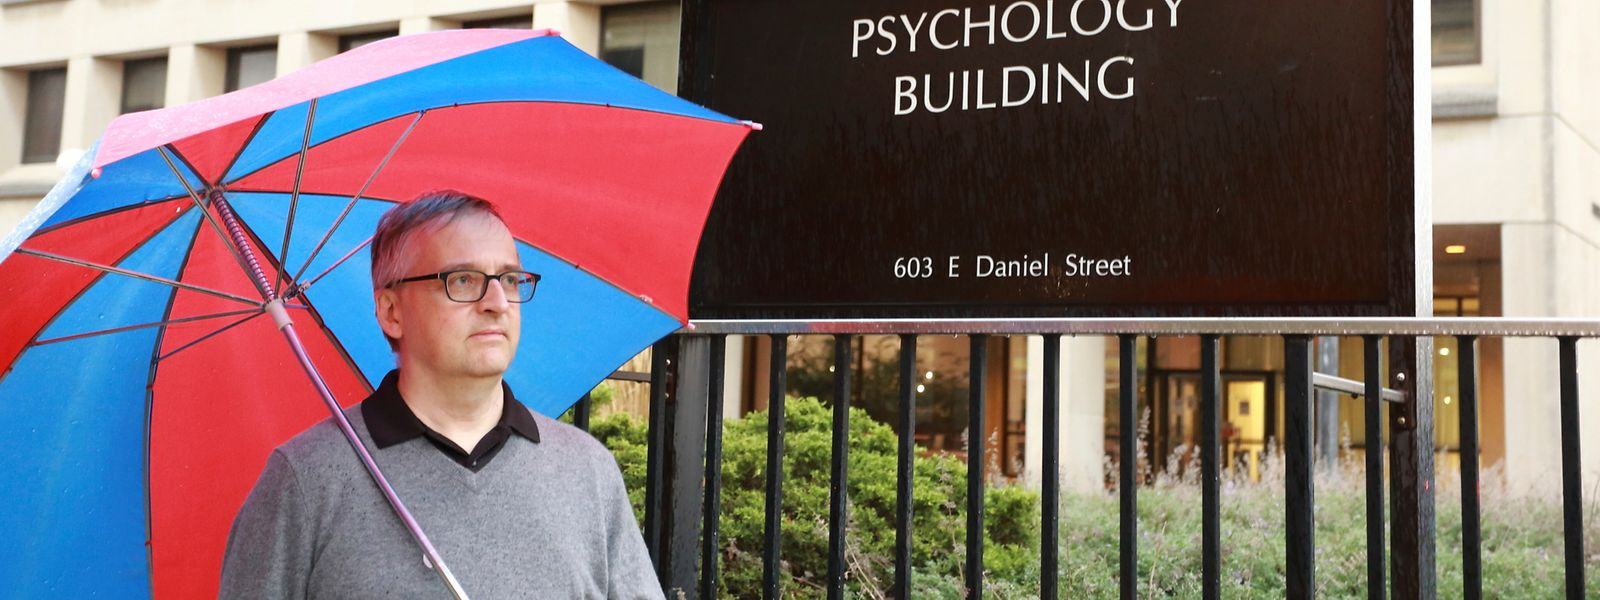 Erfüllt fürs Foto auch ein Klischee: Der 54-jährige Mike Regenwetter vor dem Psychologie-Gebäude der Universität von Illinois in Champaign.